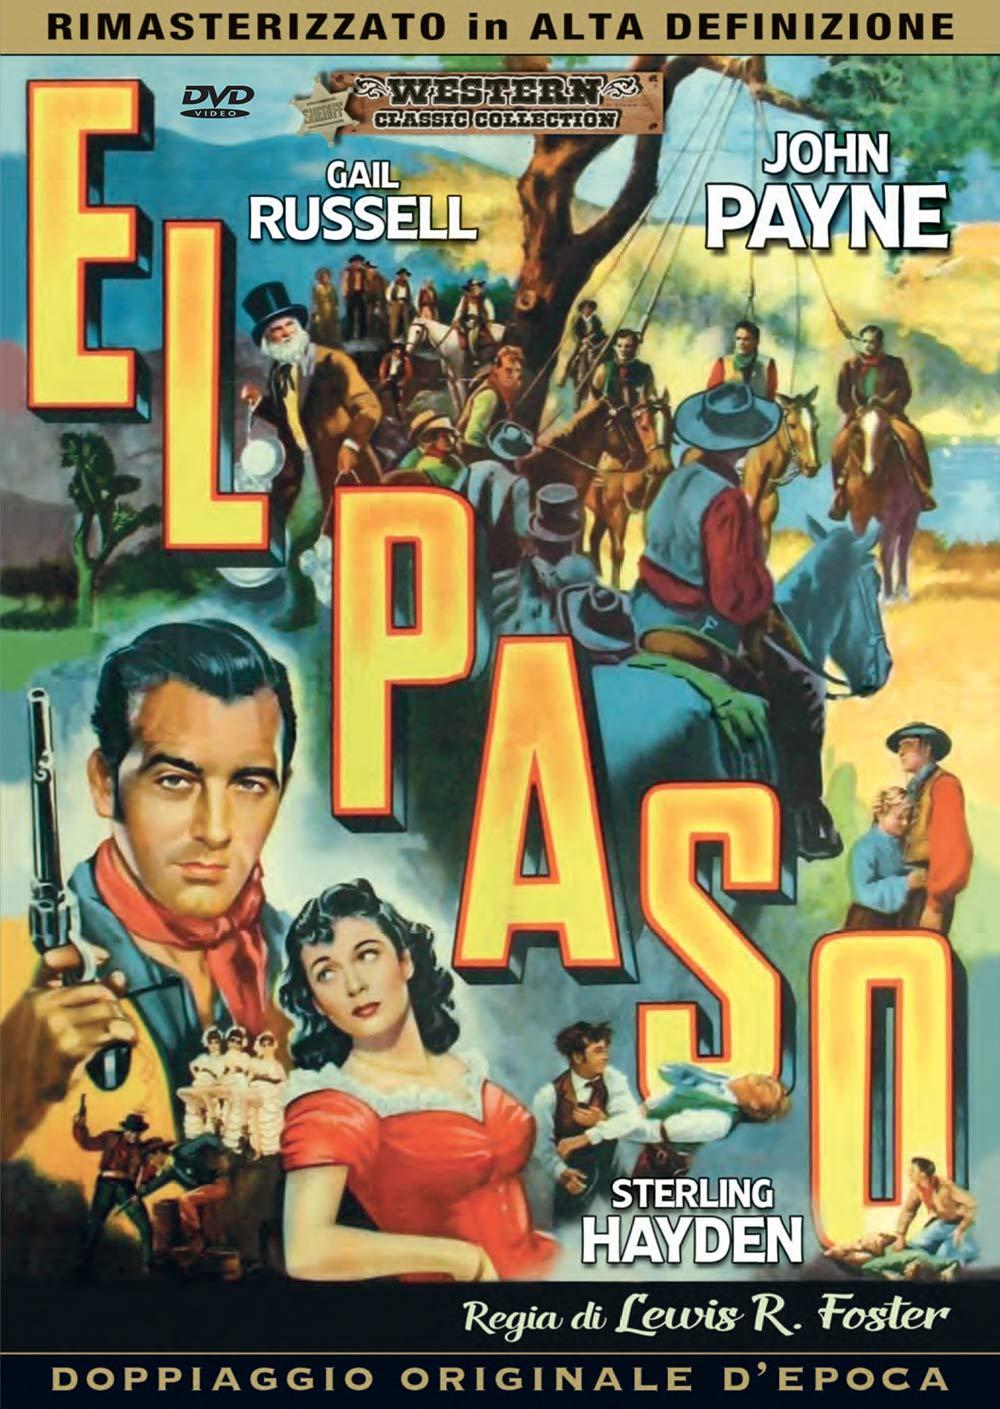 EL PASO (DVD)